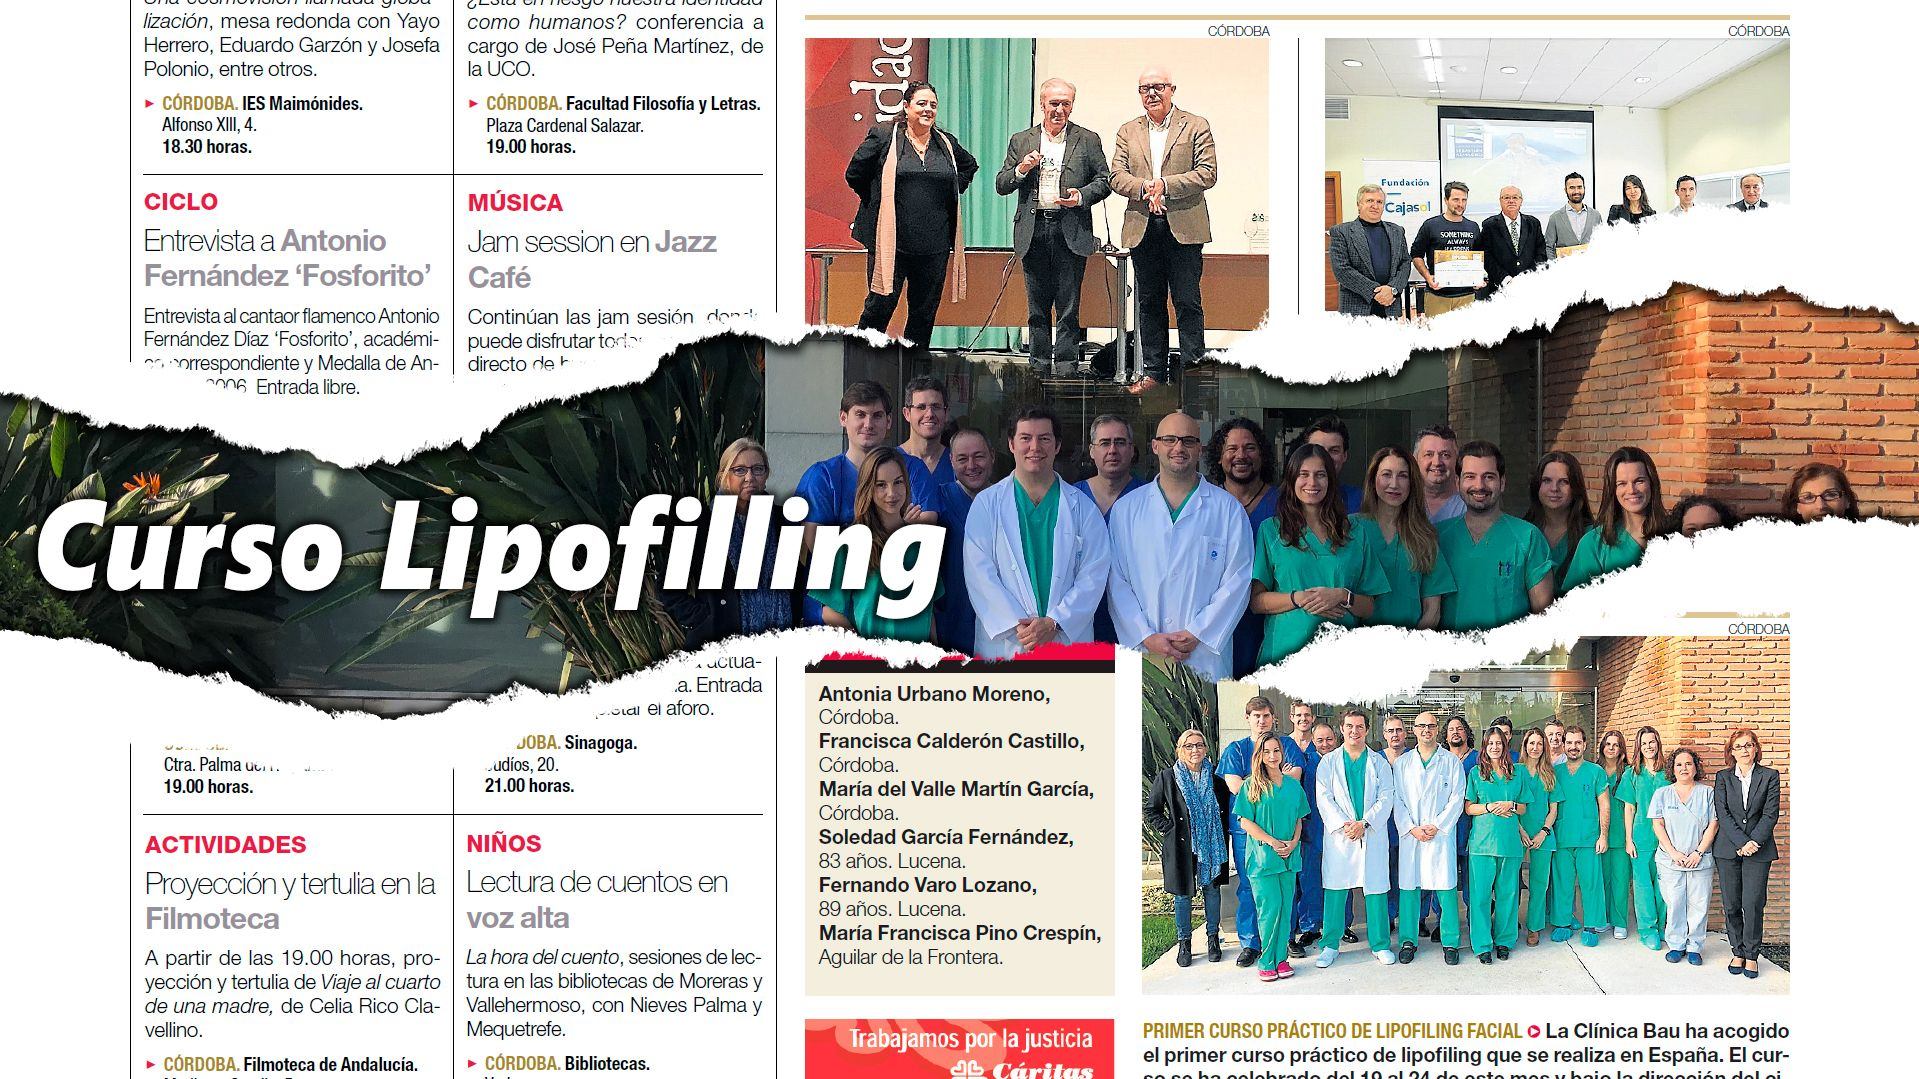 periodico-diario-cordoba-curso-lipofilling